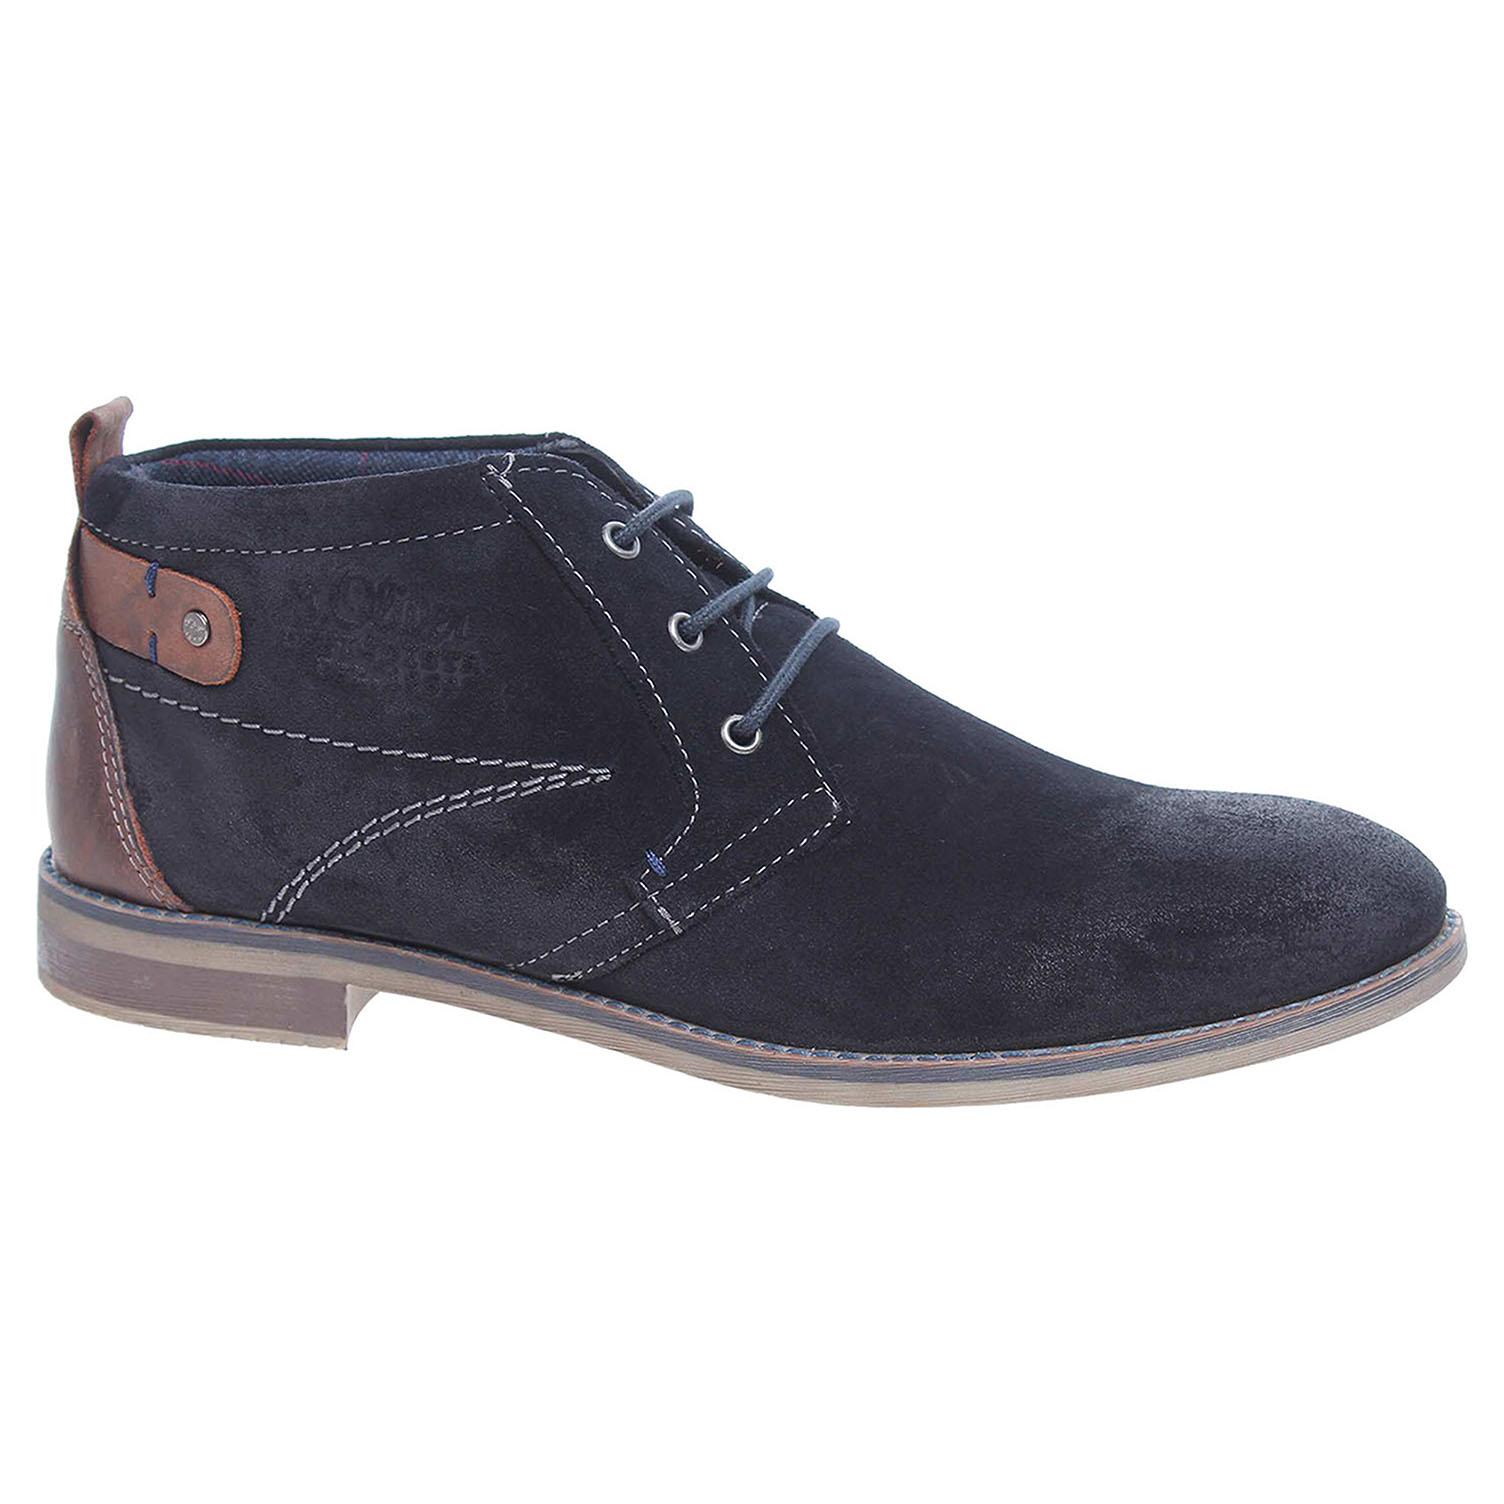 Pánská kotníková obuv s.Oliver 5-15106-27 modré 42